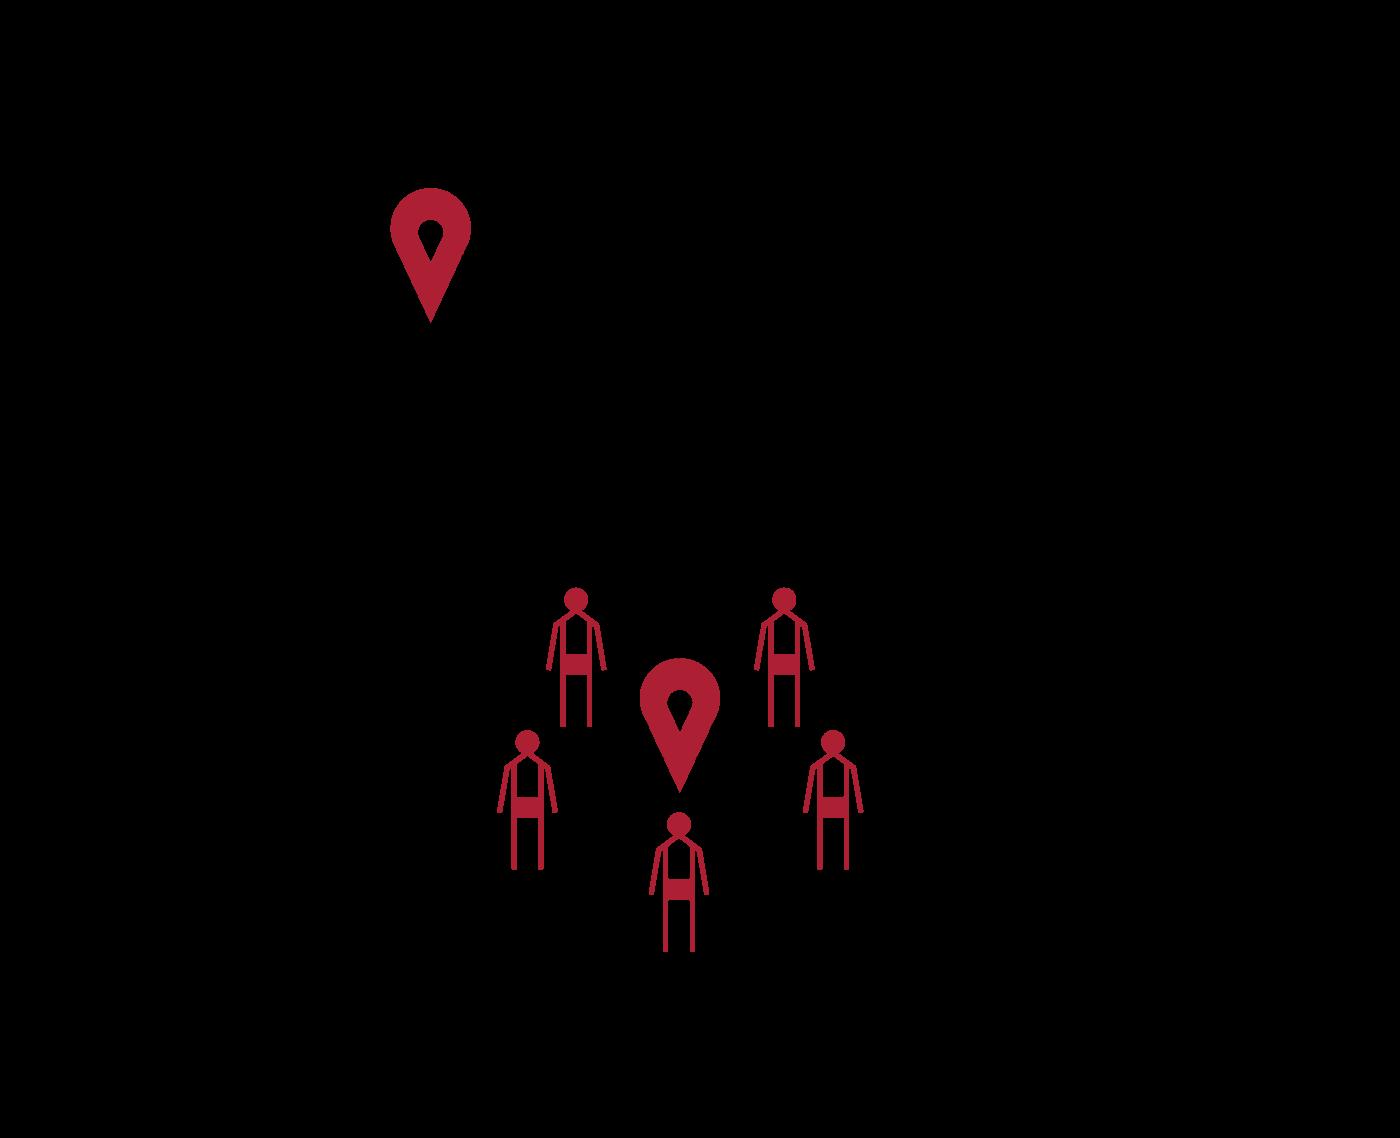 - La Oficina en Colombia de la Alta Comisionada de las Naciones Unidas para los Derechos Humanos, confirmó la existencia de redes encargadas de ofrecer a las víctimas, trabajos bien remunerados en municipios diferentes a su lugar de origen y procurarles los medios para transportarlos, donde serían posteriormente asesinados.